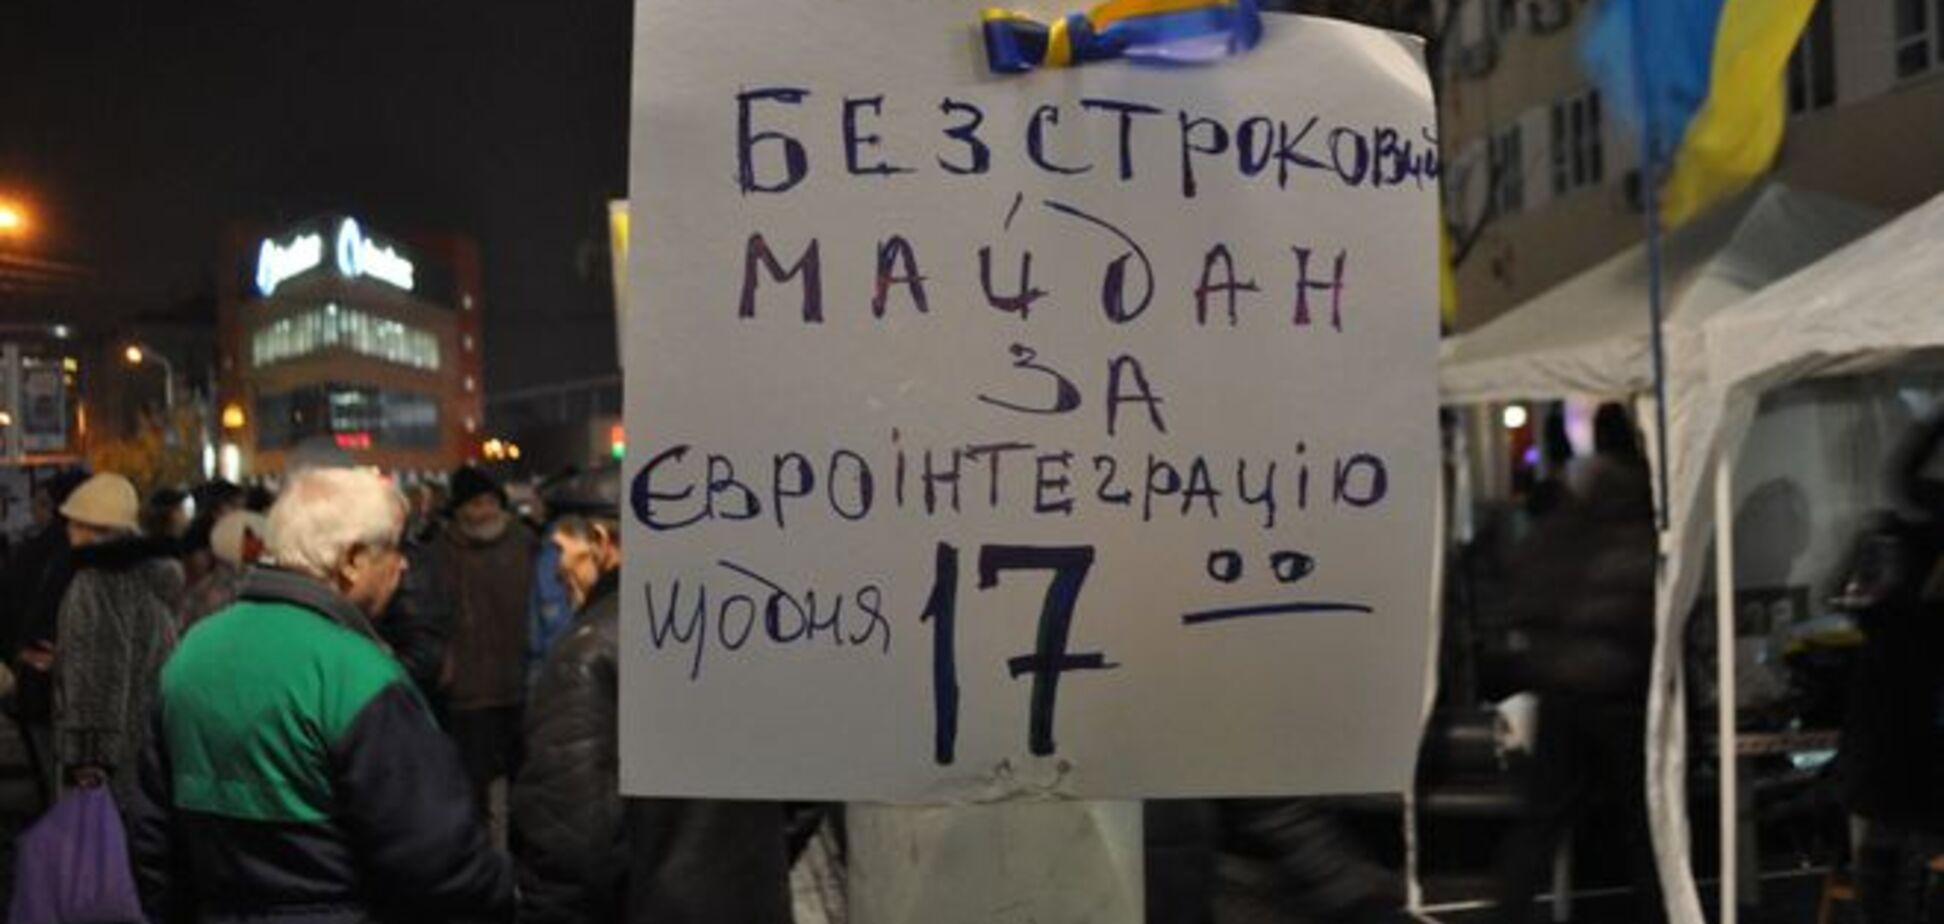 Суд арестовал экс-замглавы Днепропетровской ОГА и замглавы облсовета за разгон Евромайдана